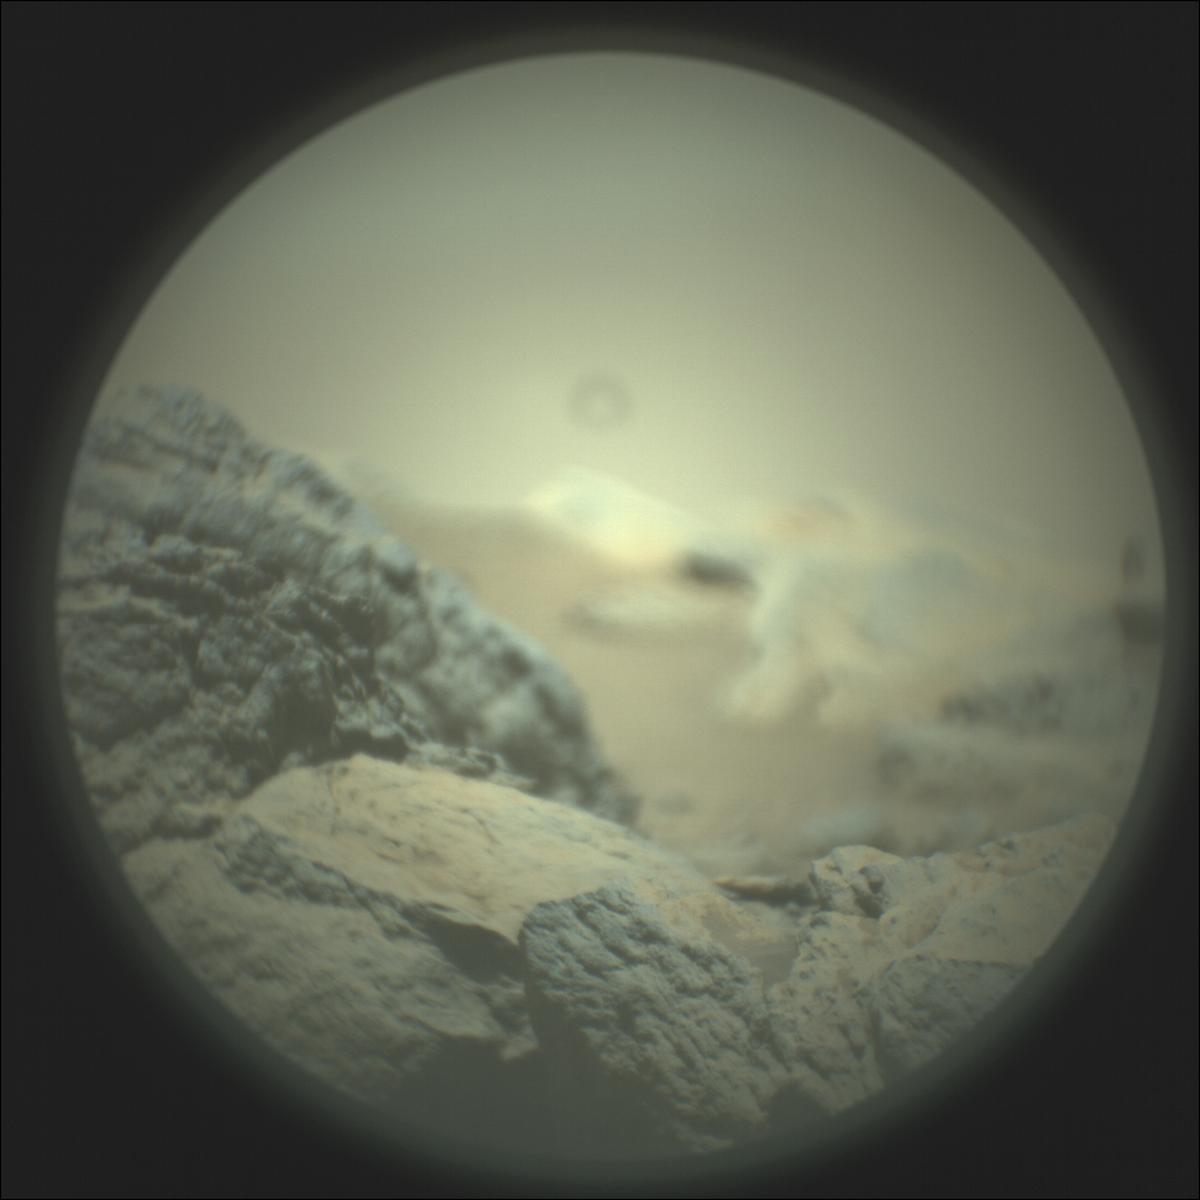 Mars Rover Photo #865422